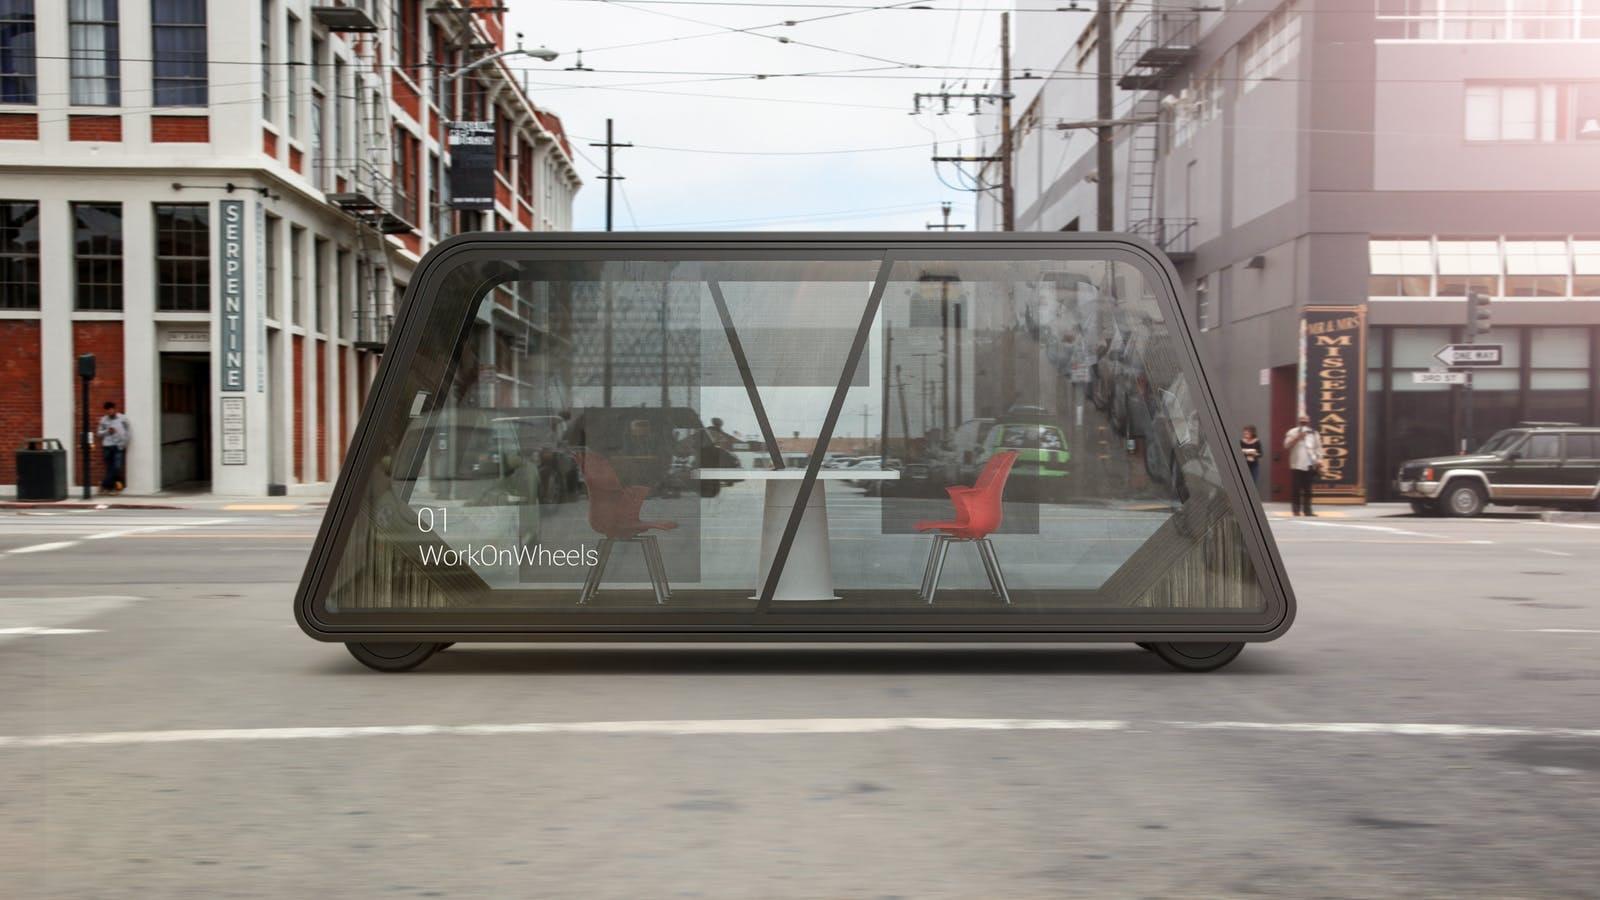 Ideo autonomous office concept.